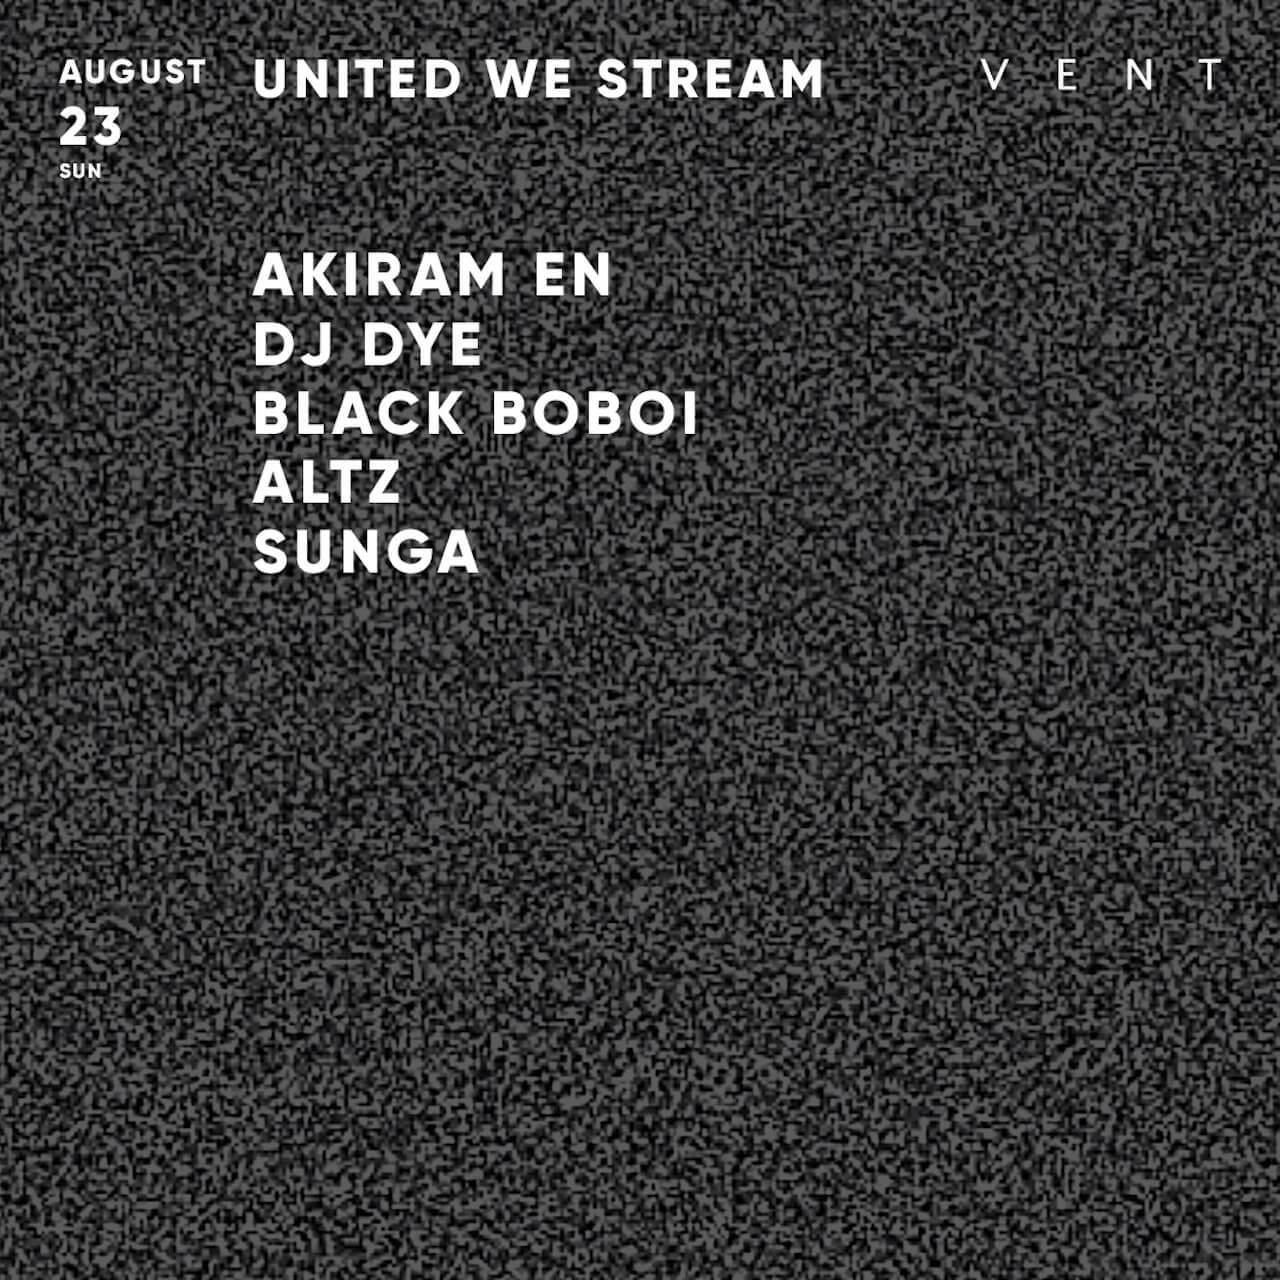 ヴァーチャルギグ<United We Stream>にVENTがキュレーターとして参加|イベントにAKIRAM EN、DJ DYE、BLACK BOBOI、ALTZ、SUNGAが出演 music200812-united-we-stream-1